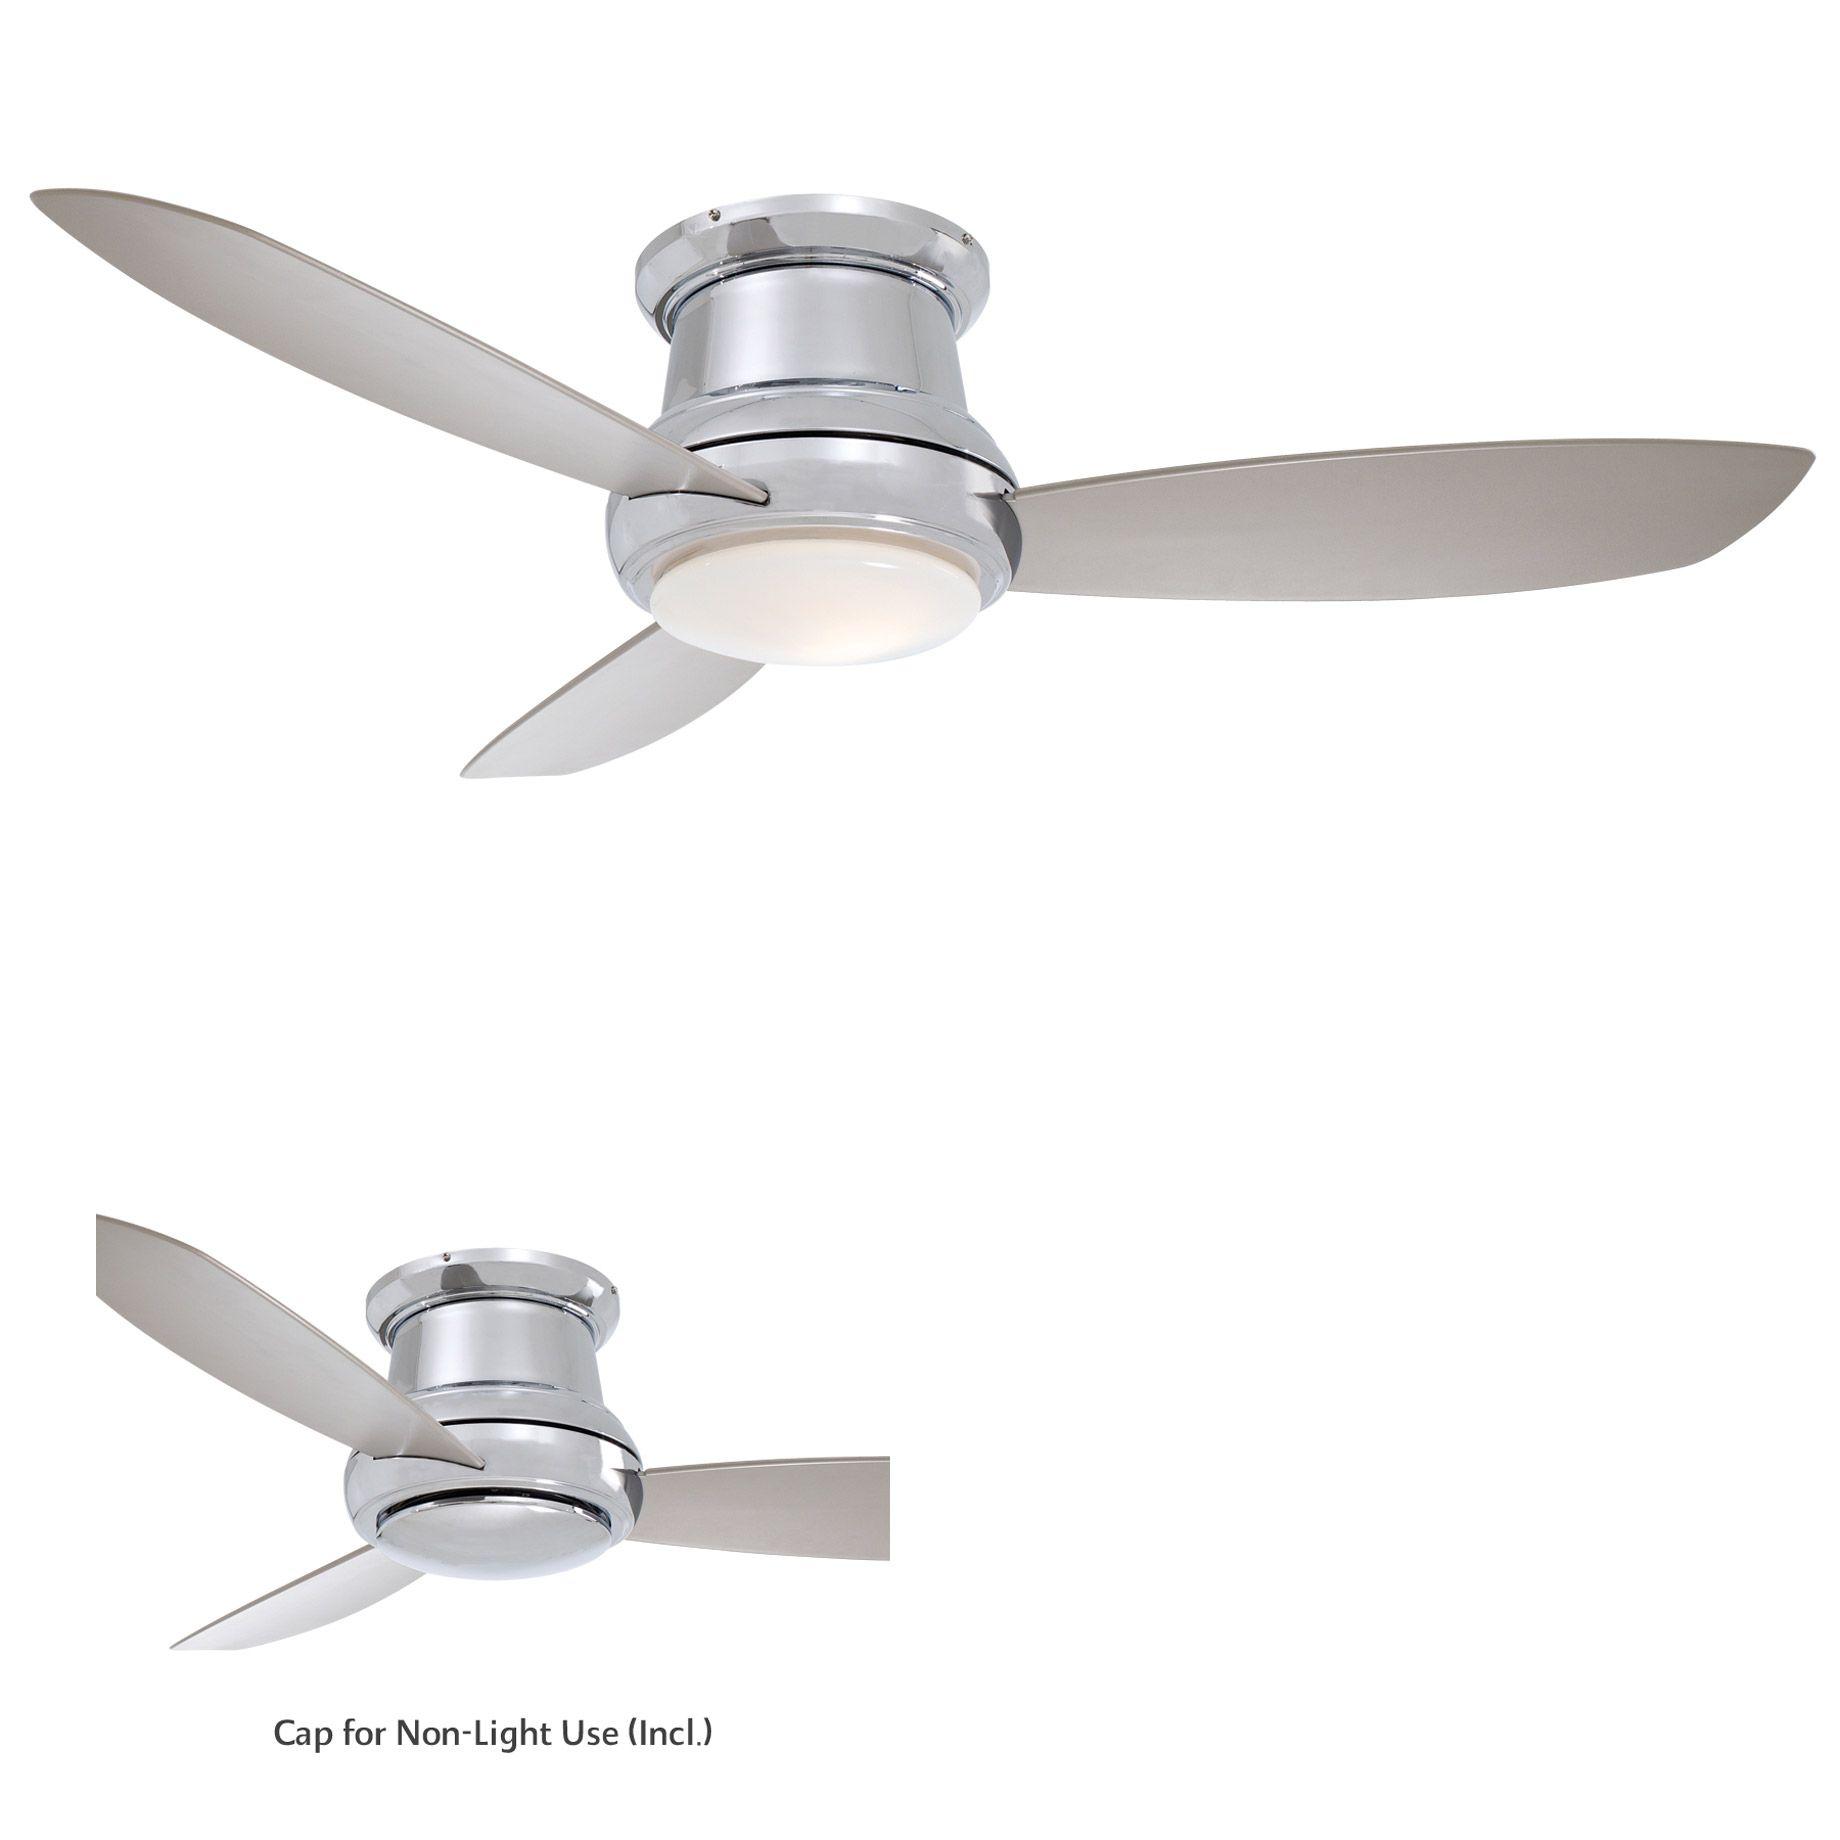 Concept Ii Ceiling Fan With Light By Minka Aire F518l Bn Ceiling Fan Flush Mount Ceiling Fan Modern Ceiling Fan